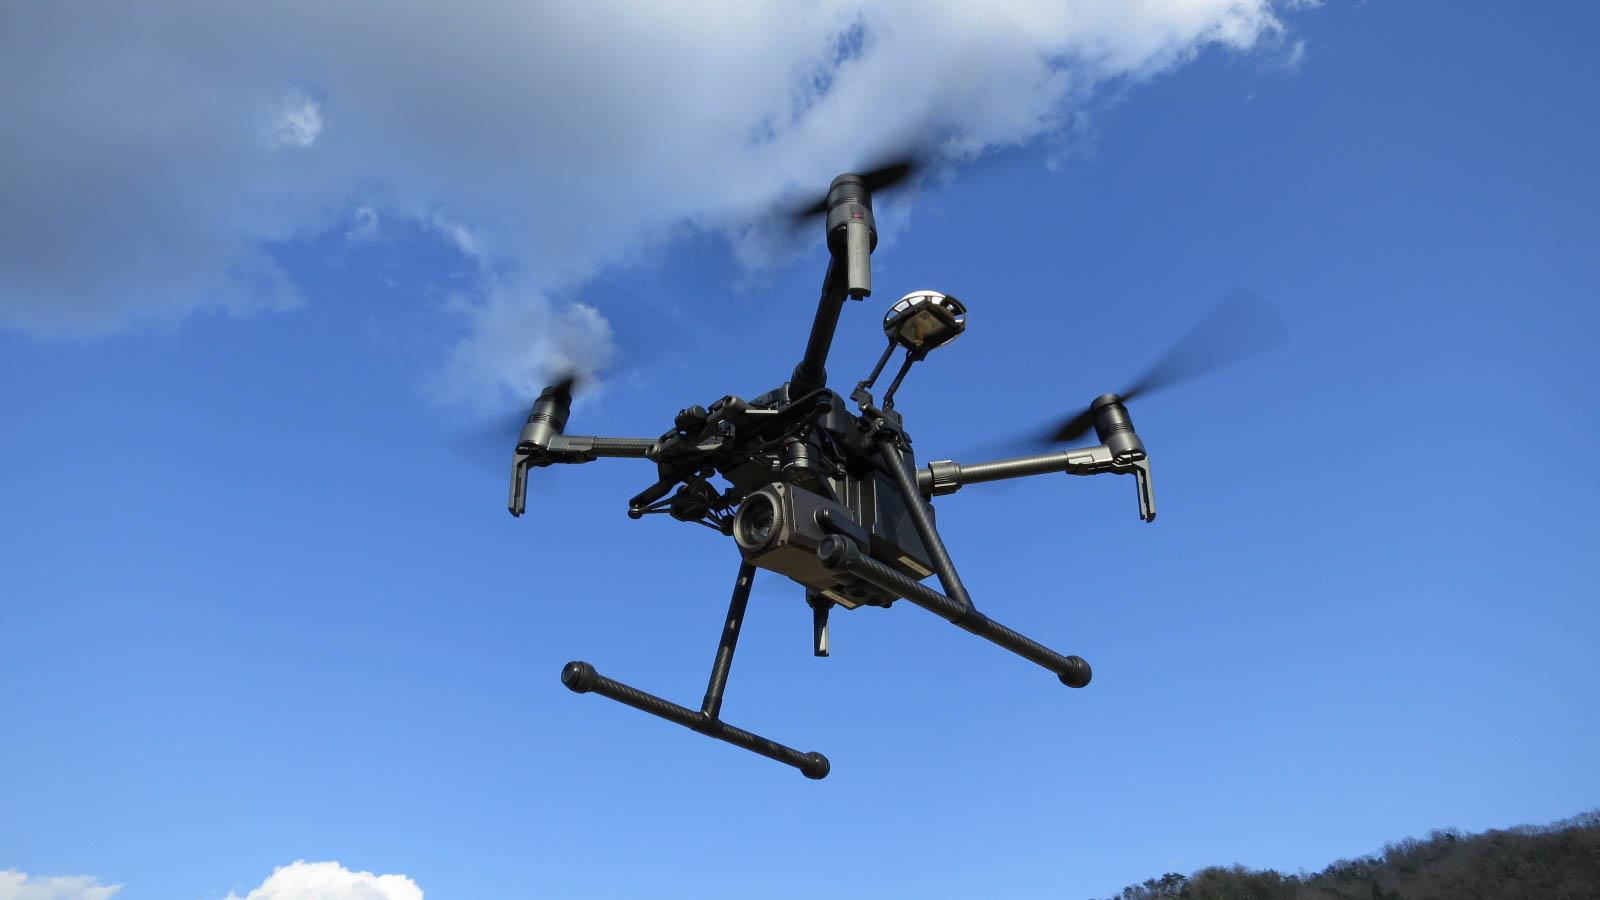 20201211_ drone_1600-12